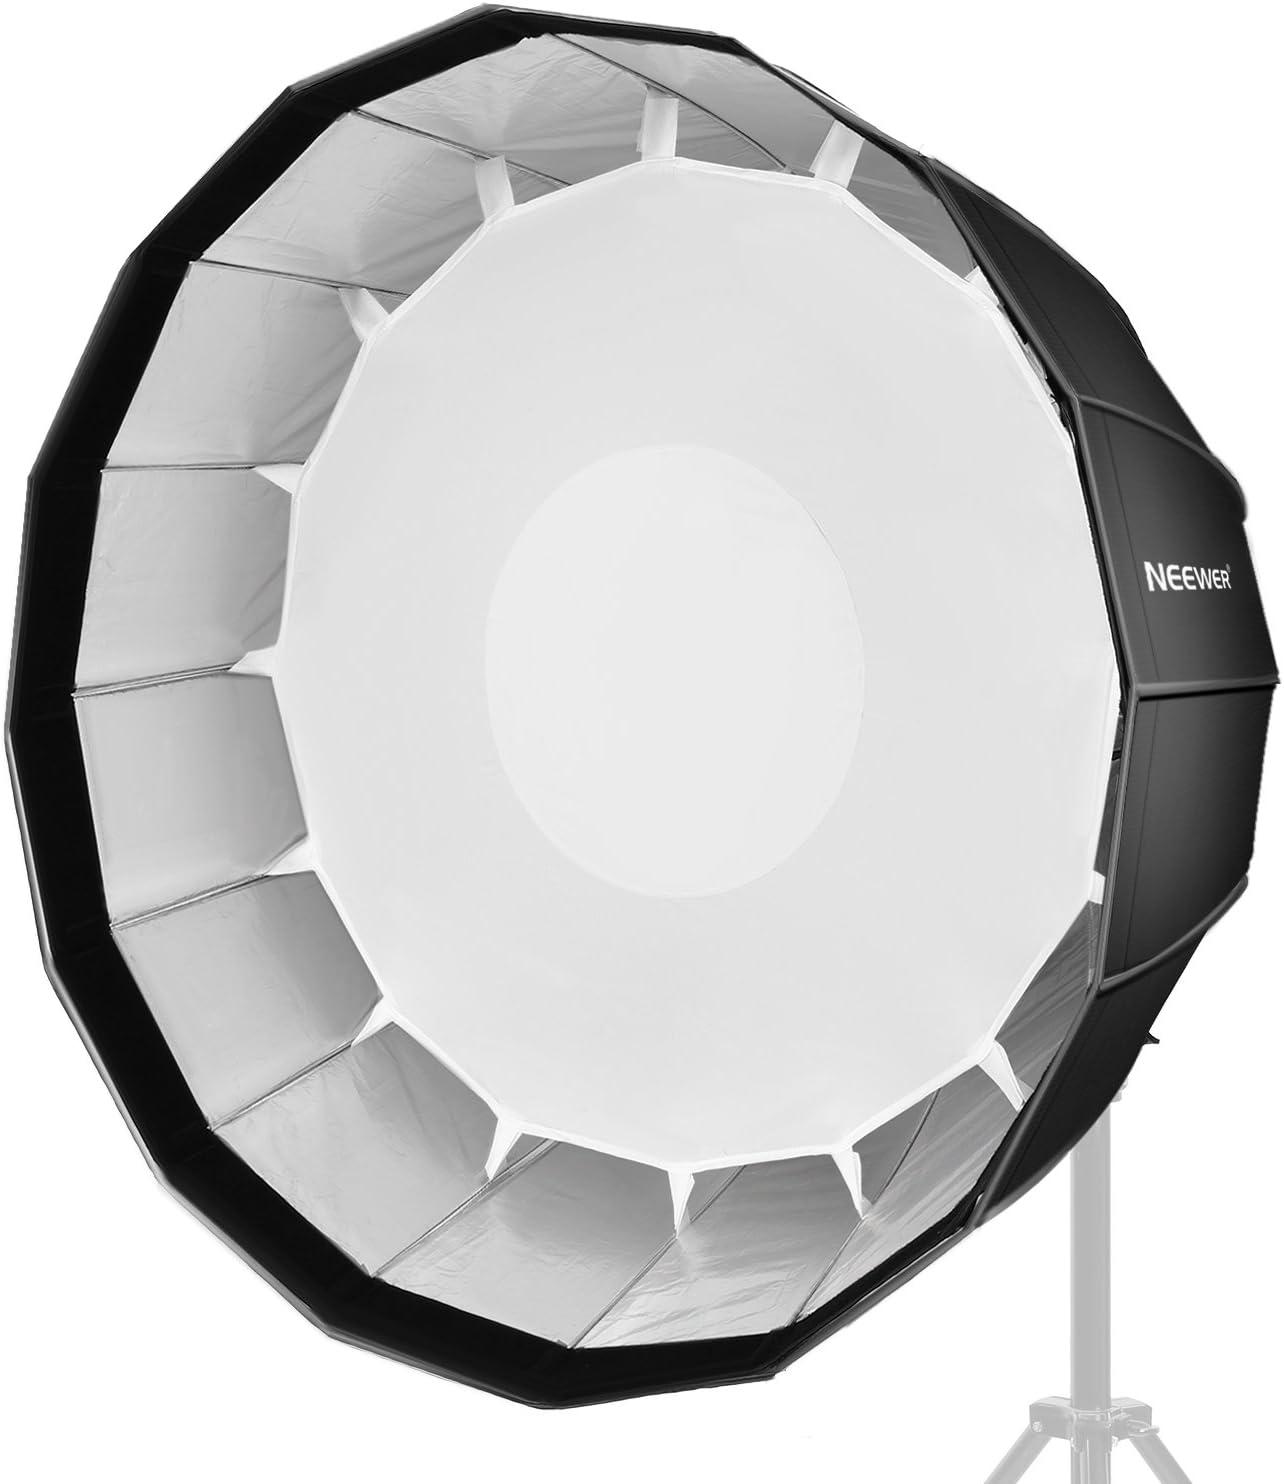 Portrait und Produktfotografie Schnell zusammenklappbar mit Bowens Speedring und Diffusor f/ür Speedlite Studio Flash Monolicht Neewer 90 Zentimeter Tief Sechzehneck-Softbox